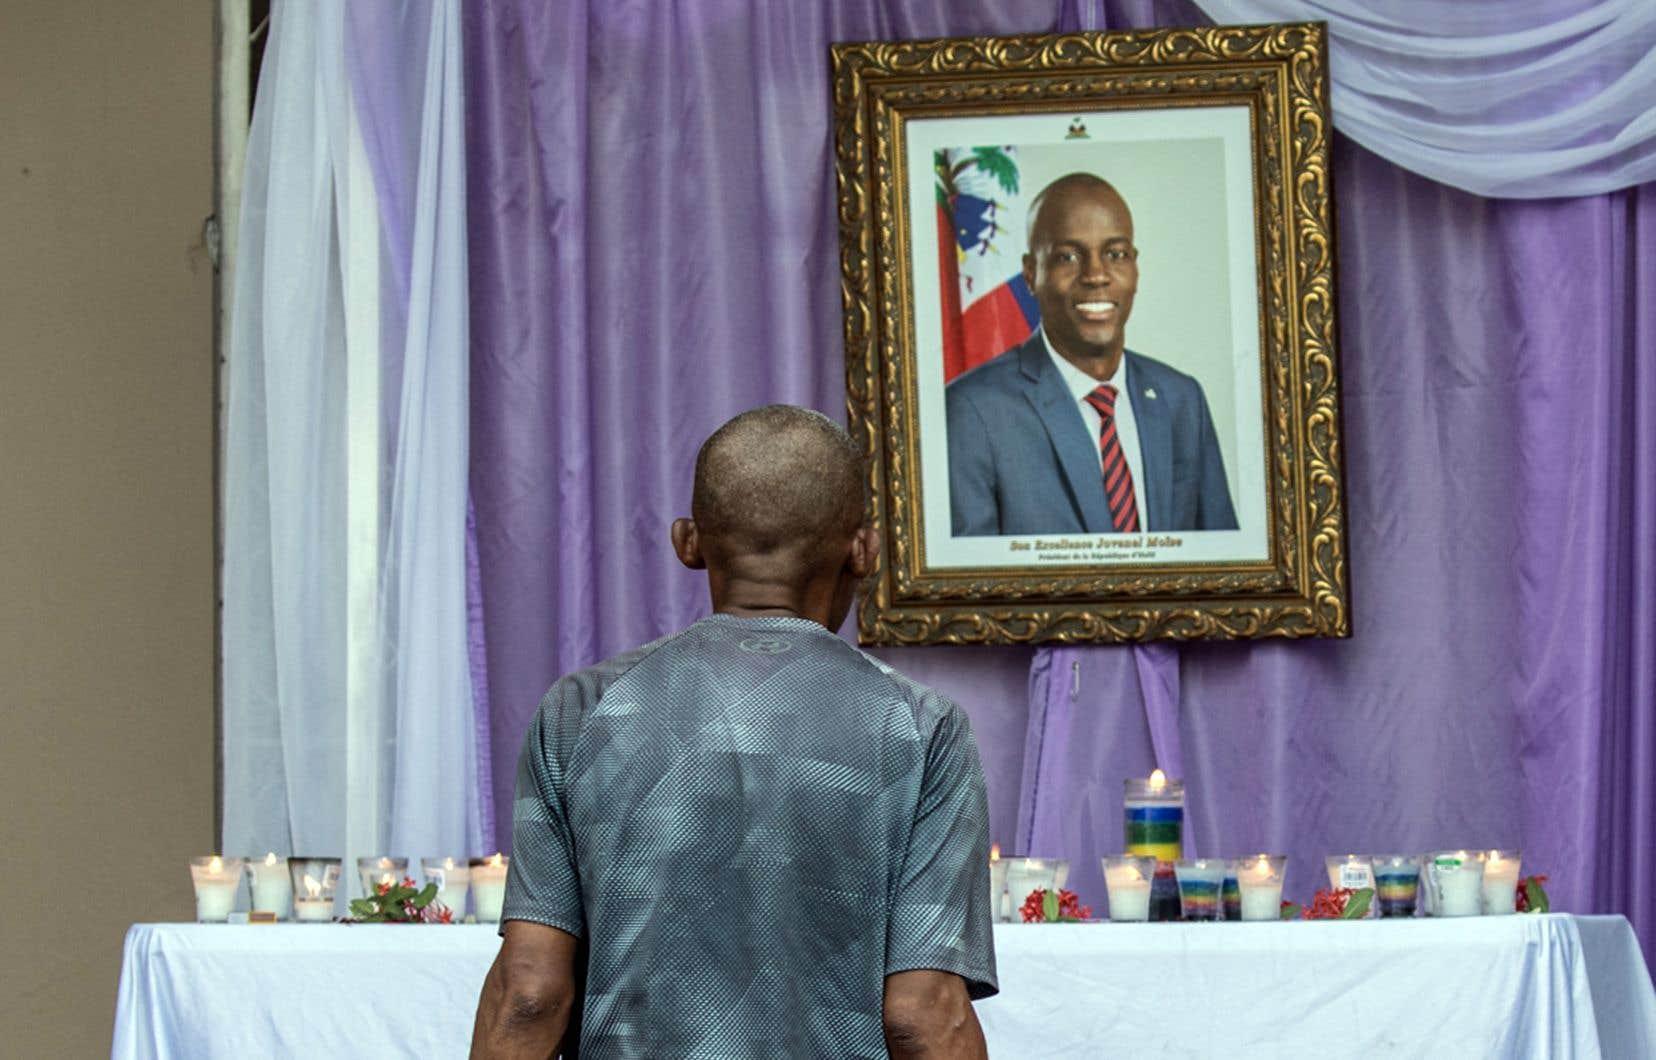 Le mystère perdure autour de l'assassinat du président Jovenel Moïse, abattu chez lui le 7juillet par un commando armé.